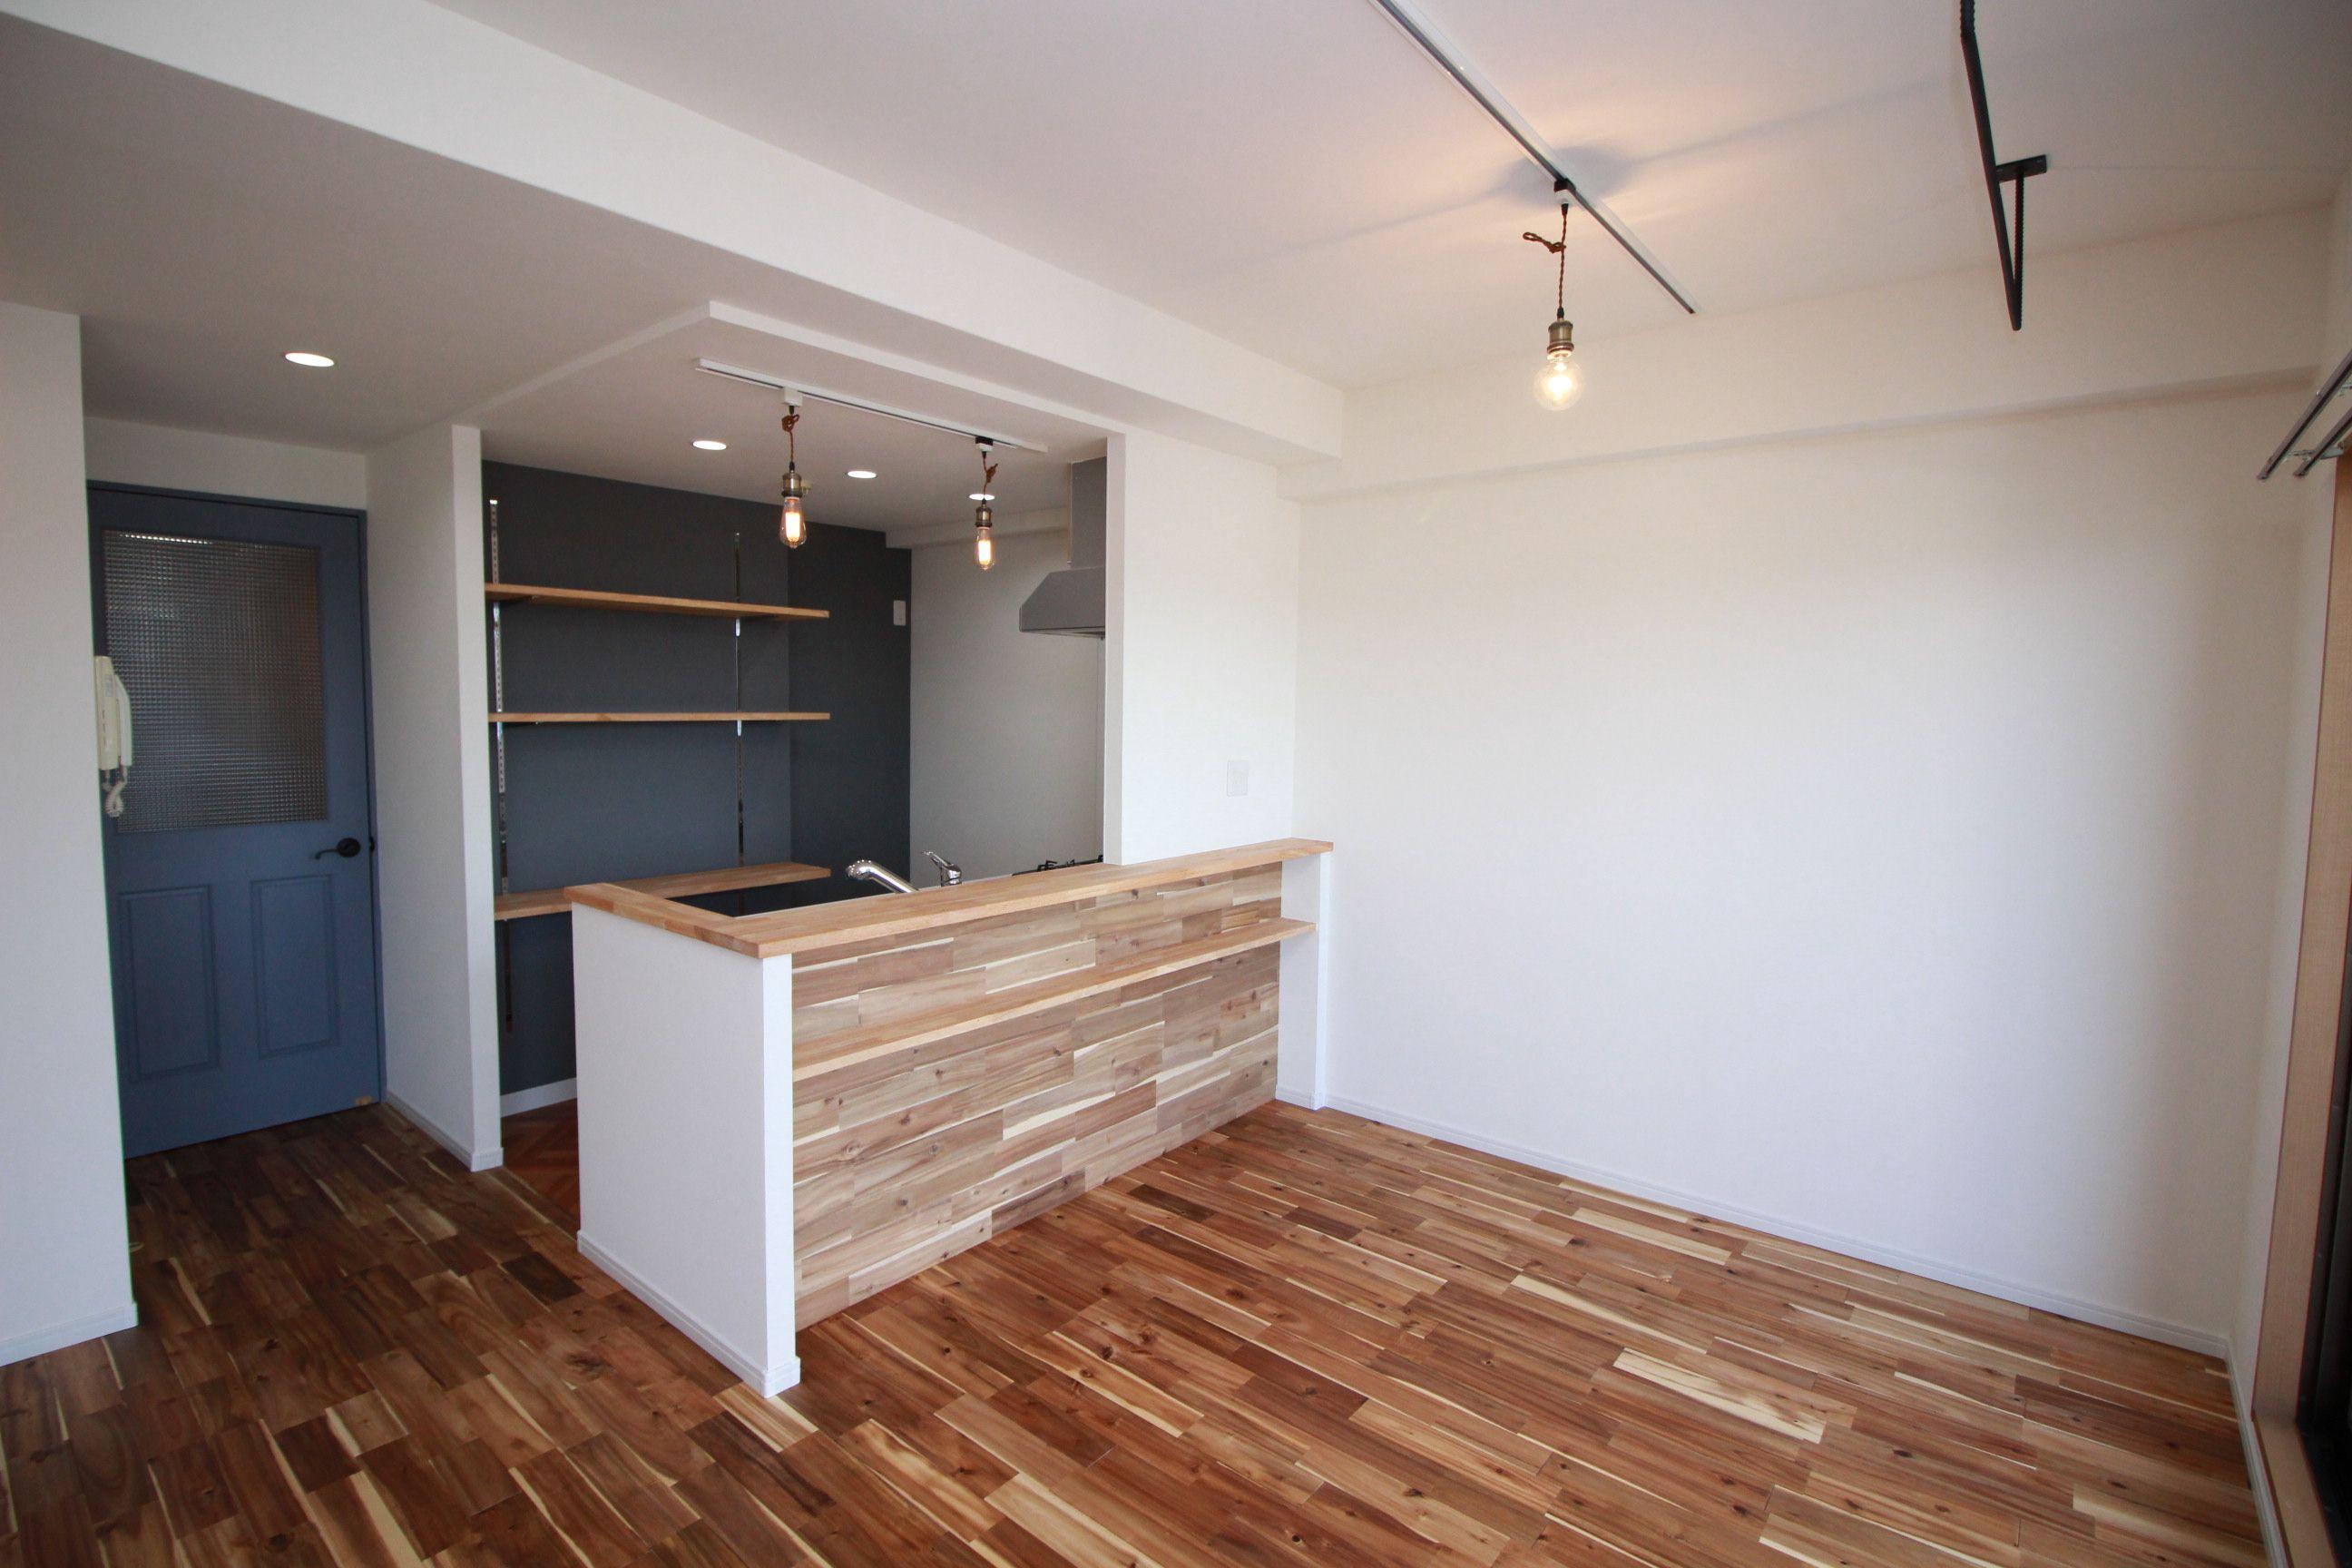 ダイニングキッチンです オープンキッチンで開放感のあるキッチンに